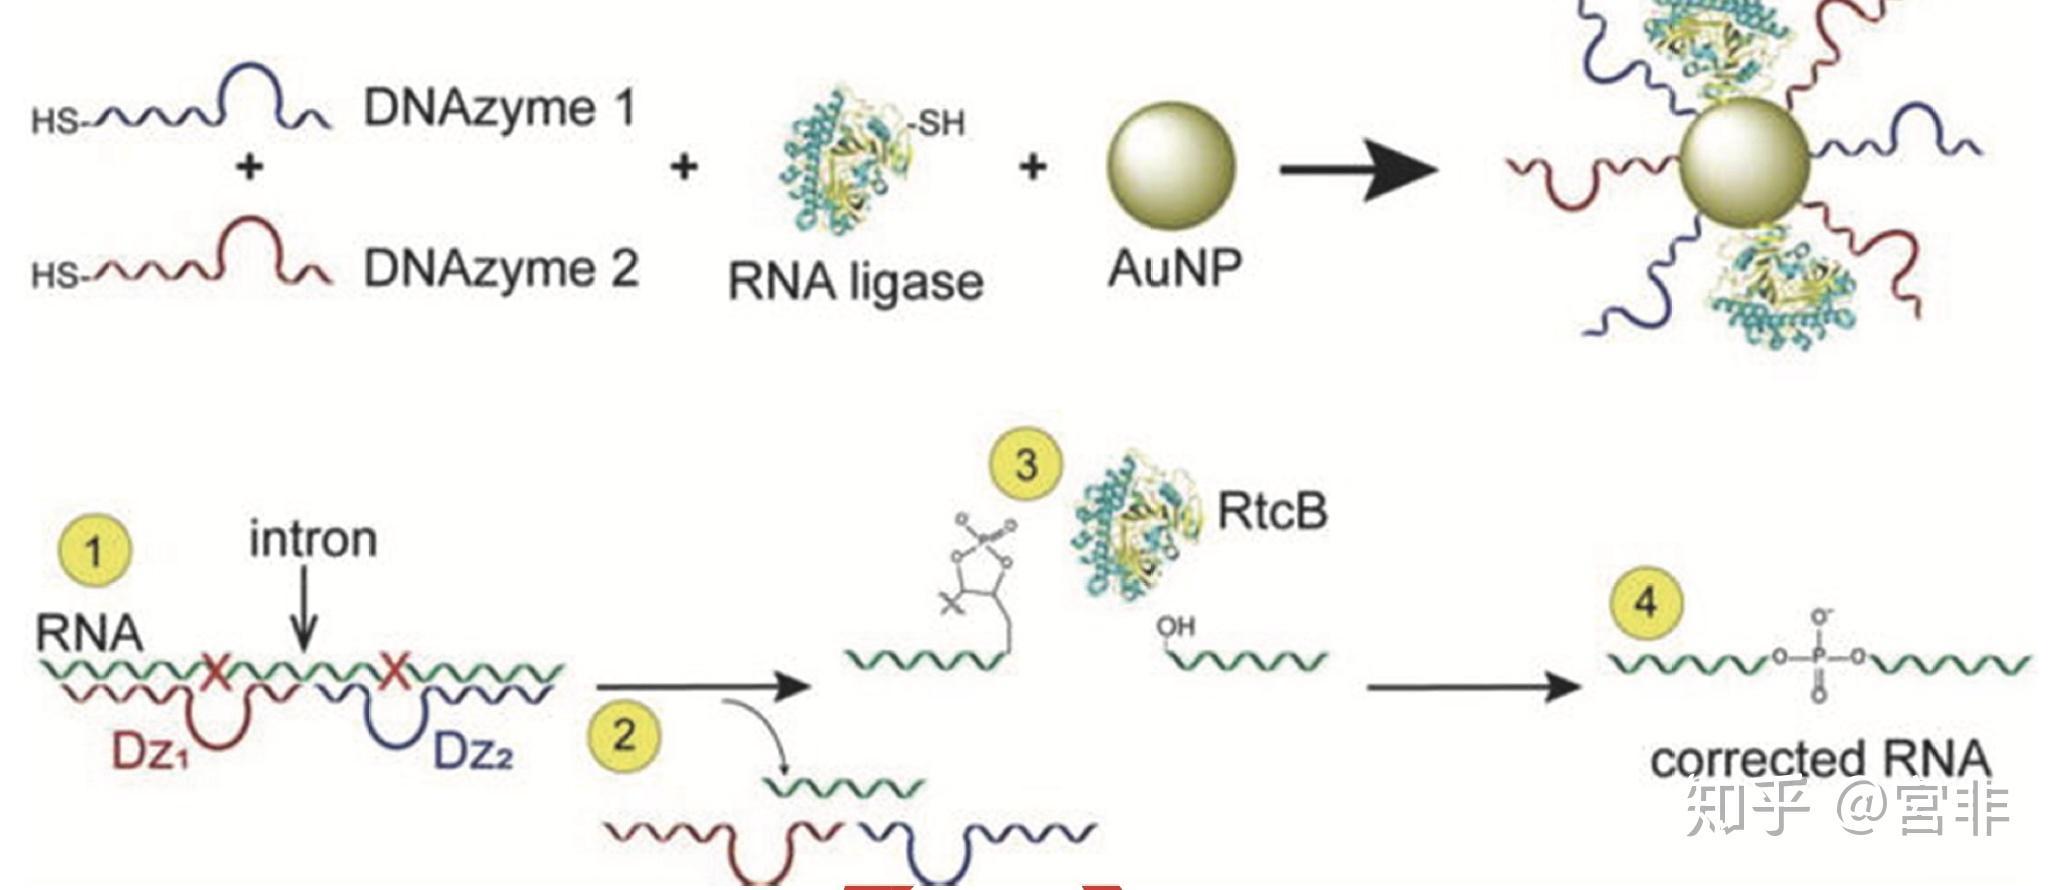 纳米酶和能产生催化效果的纳米材料(如Mgo催化合成查尔酮)有什么区别?纳米酶在精细化工中有什么应用?相关的图片